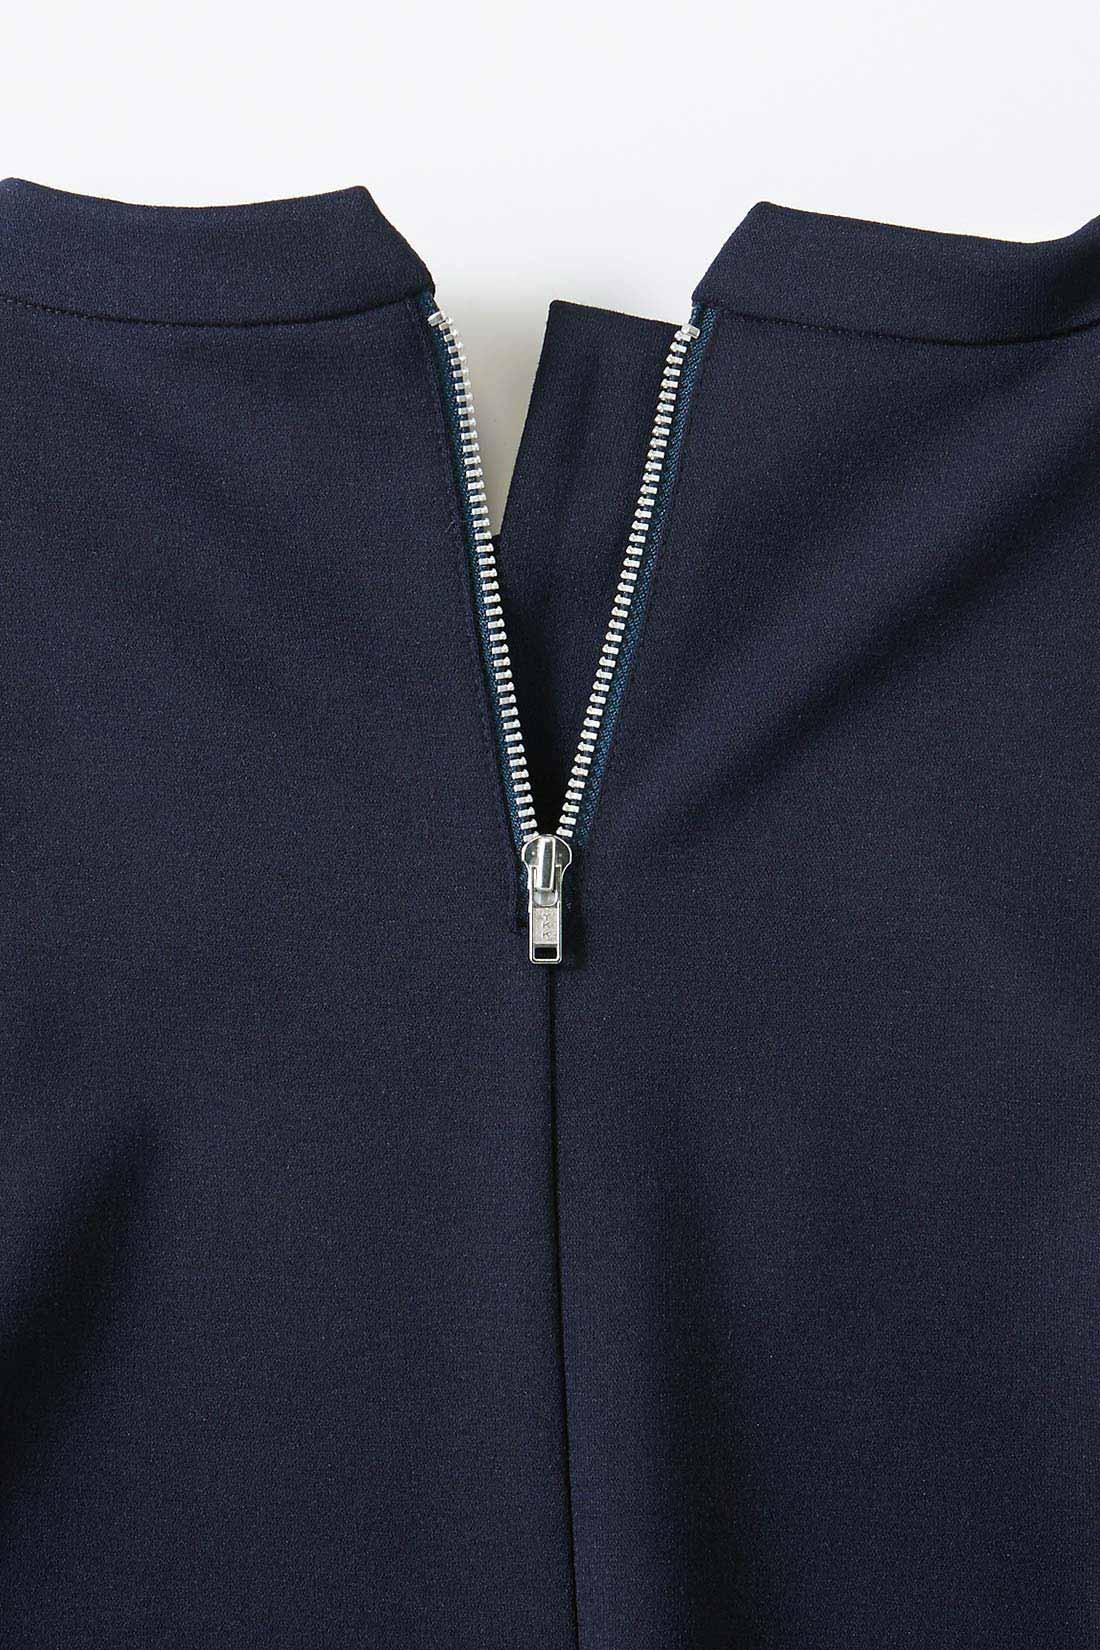 首が自然に美しく見えるように立ち上げたネックライン。バックのファスナーのシルバーカラーはシックで上品な印象です。